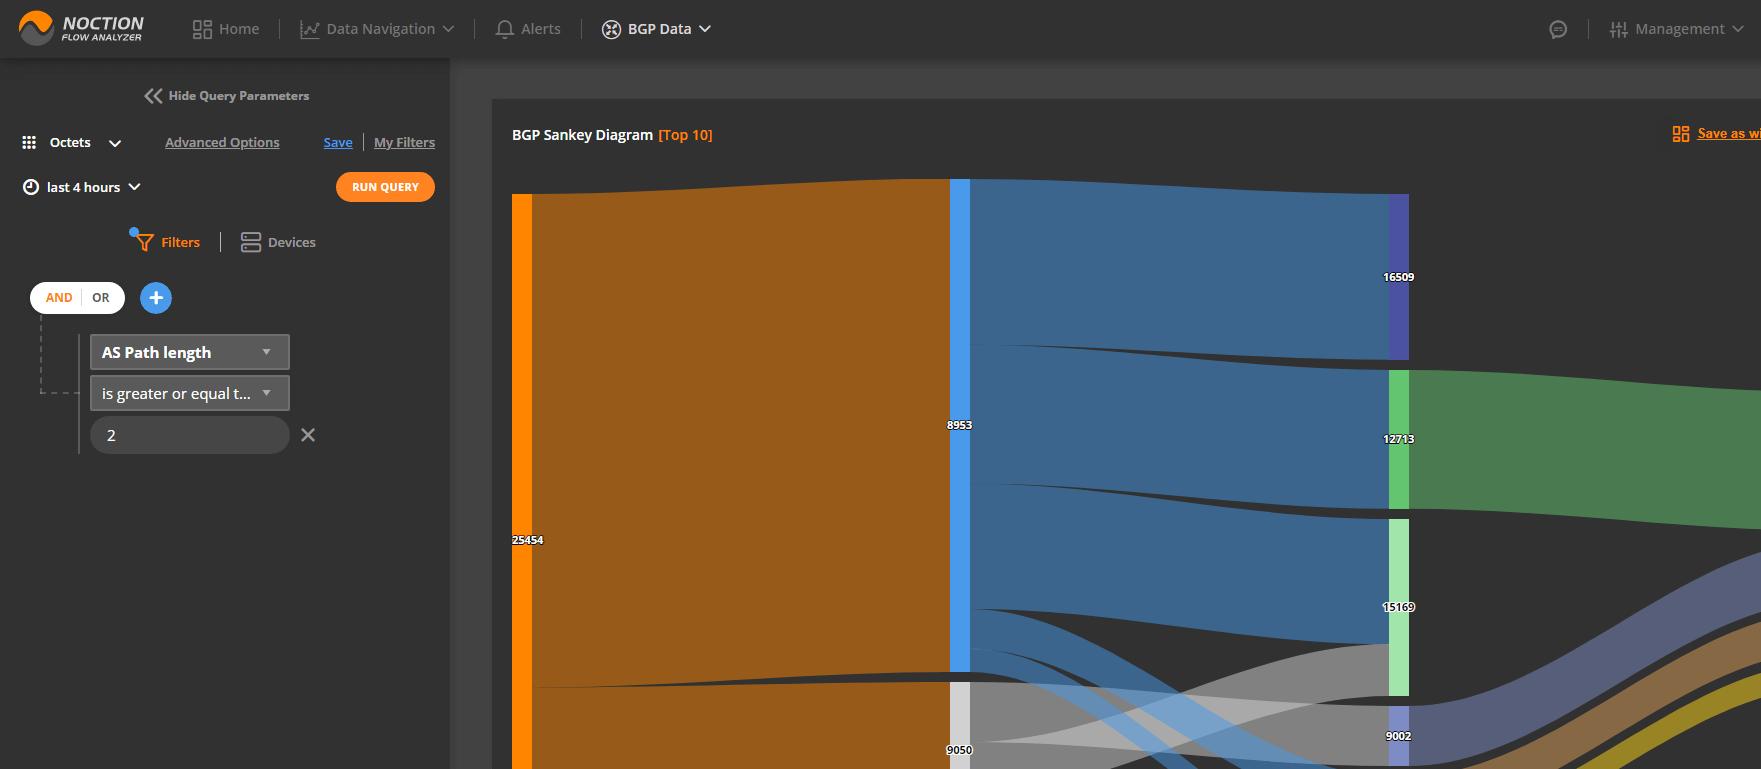 BGP AS Path Length filter